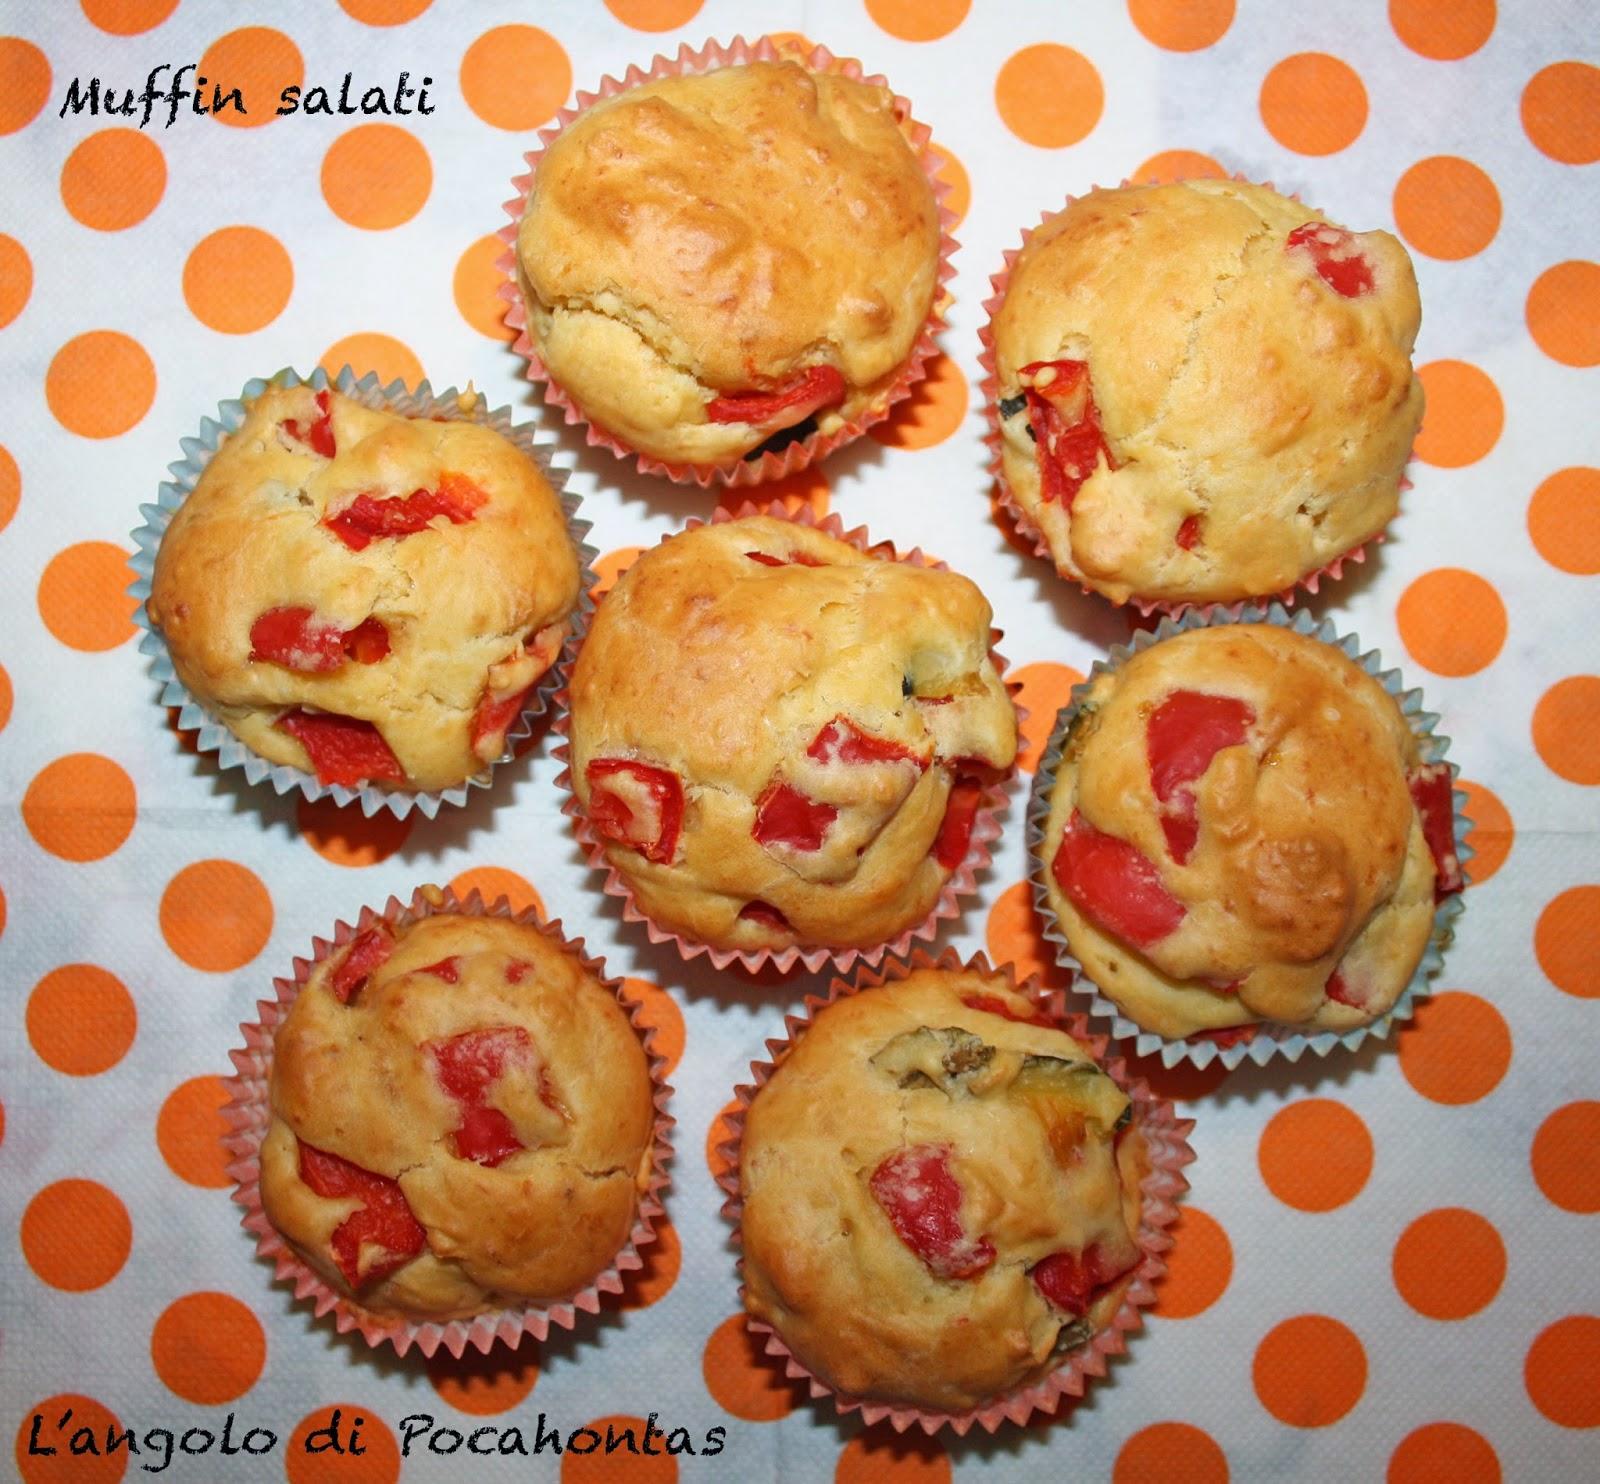 muffin salati con peperoni e olive